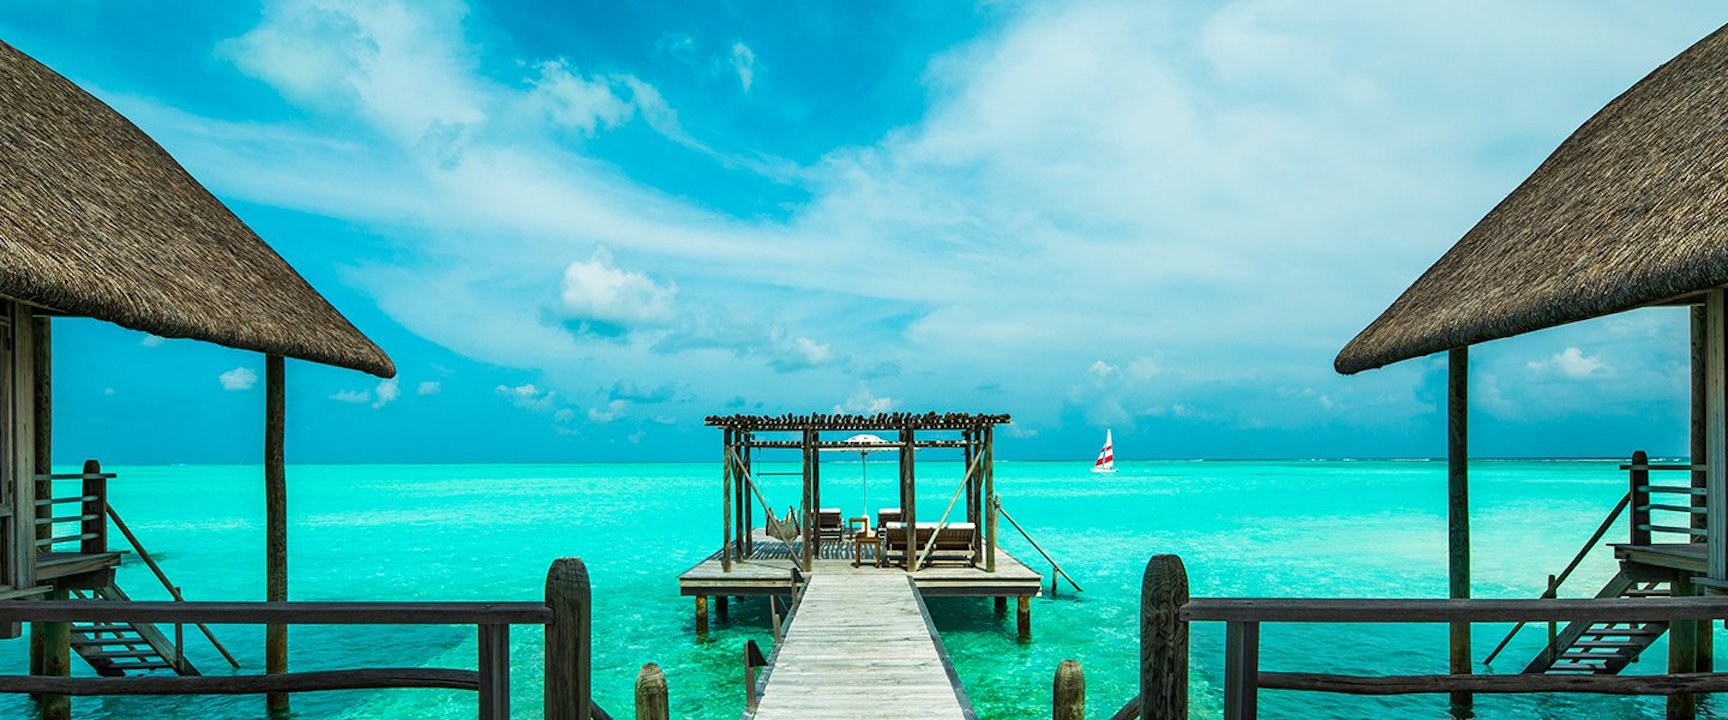 COMO Cocoa Island Luxury , Maldives